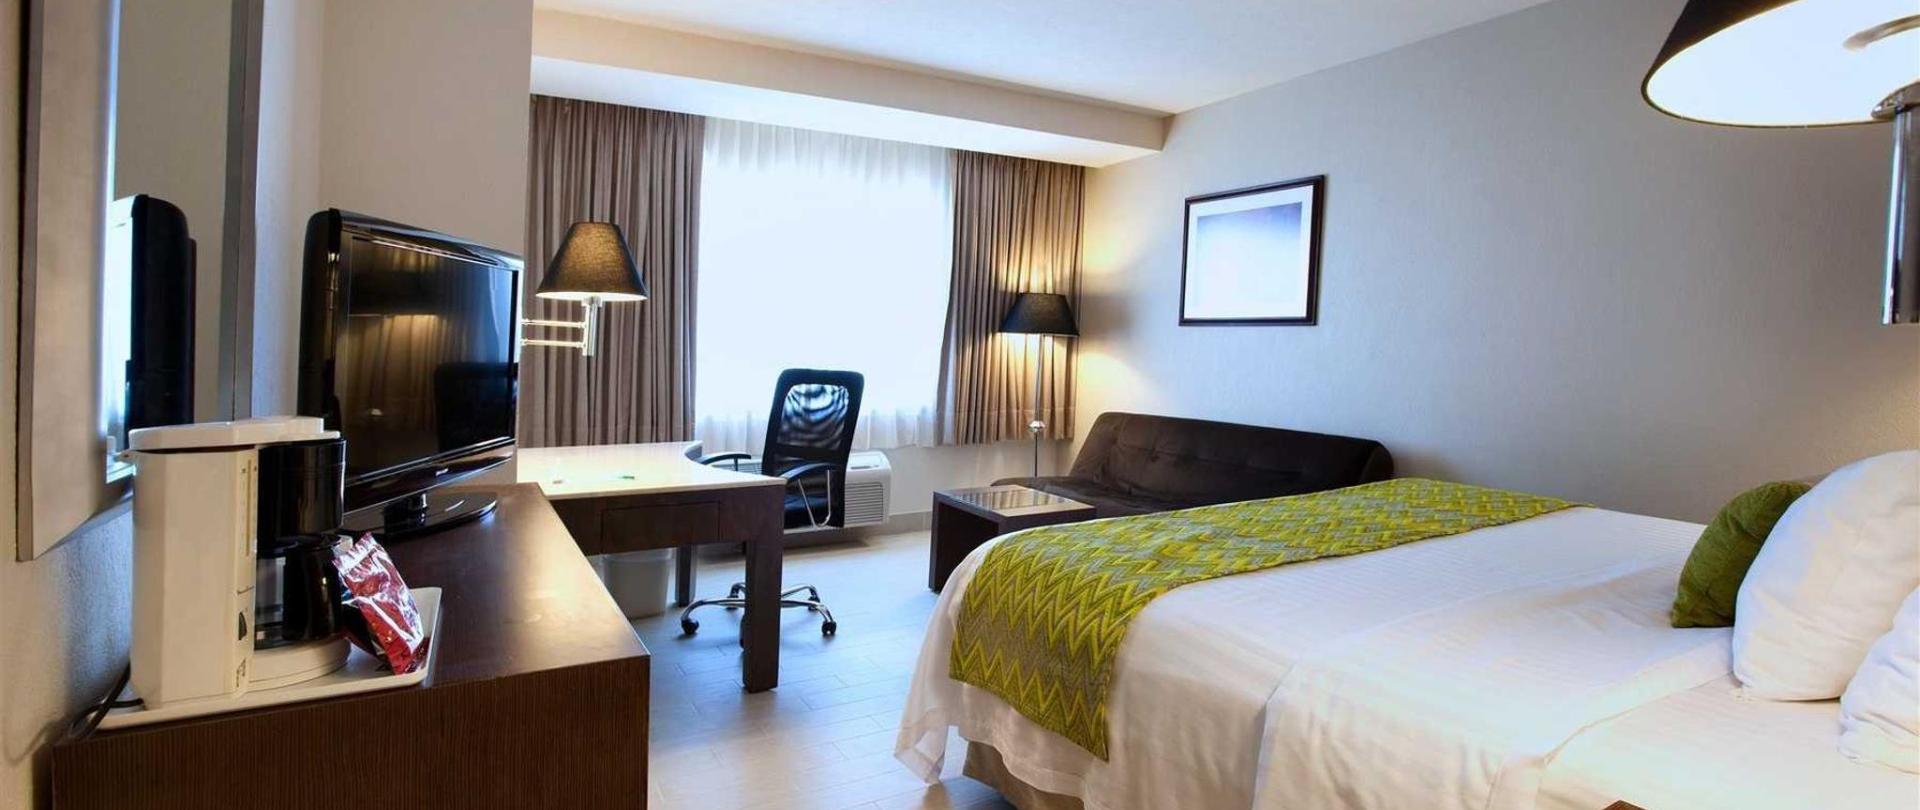 Holiday Inn® Puebla La Noria, Puebla, Mexico.jpg